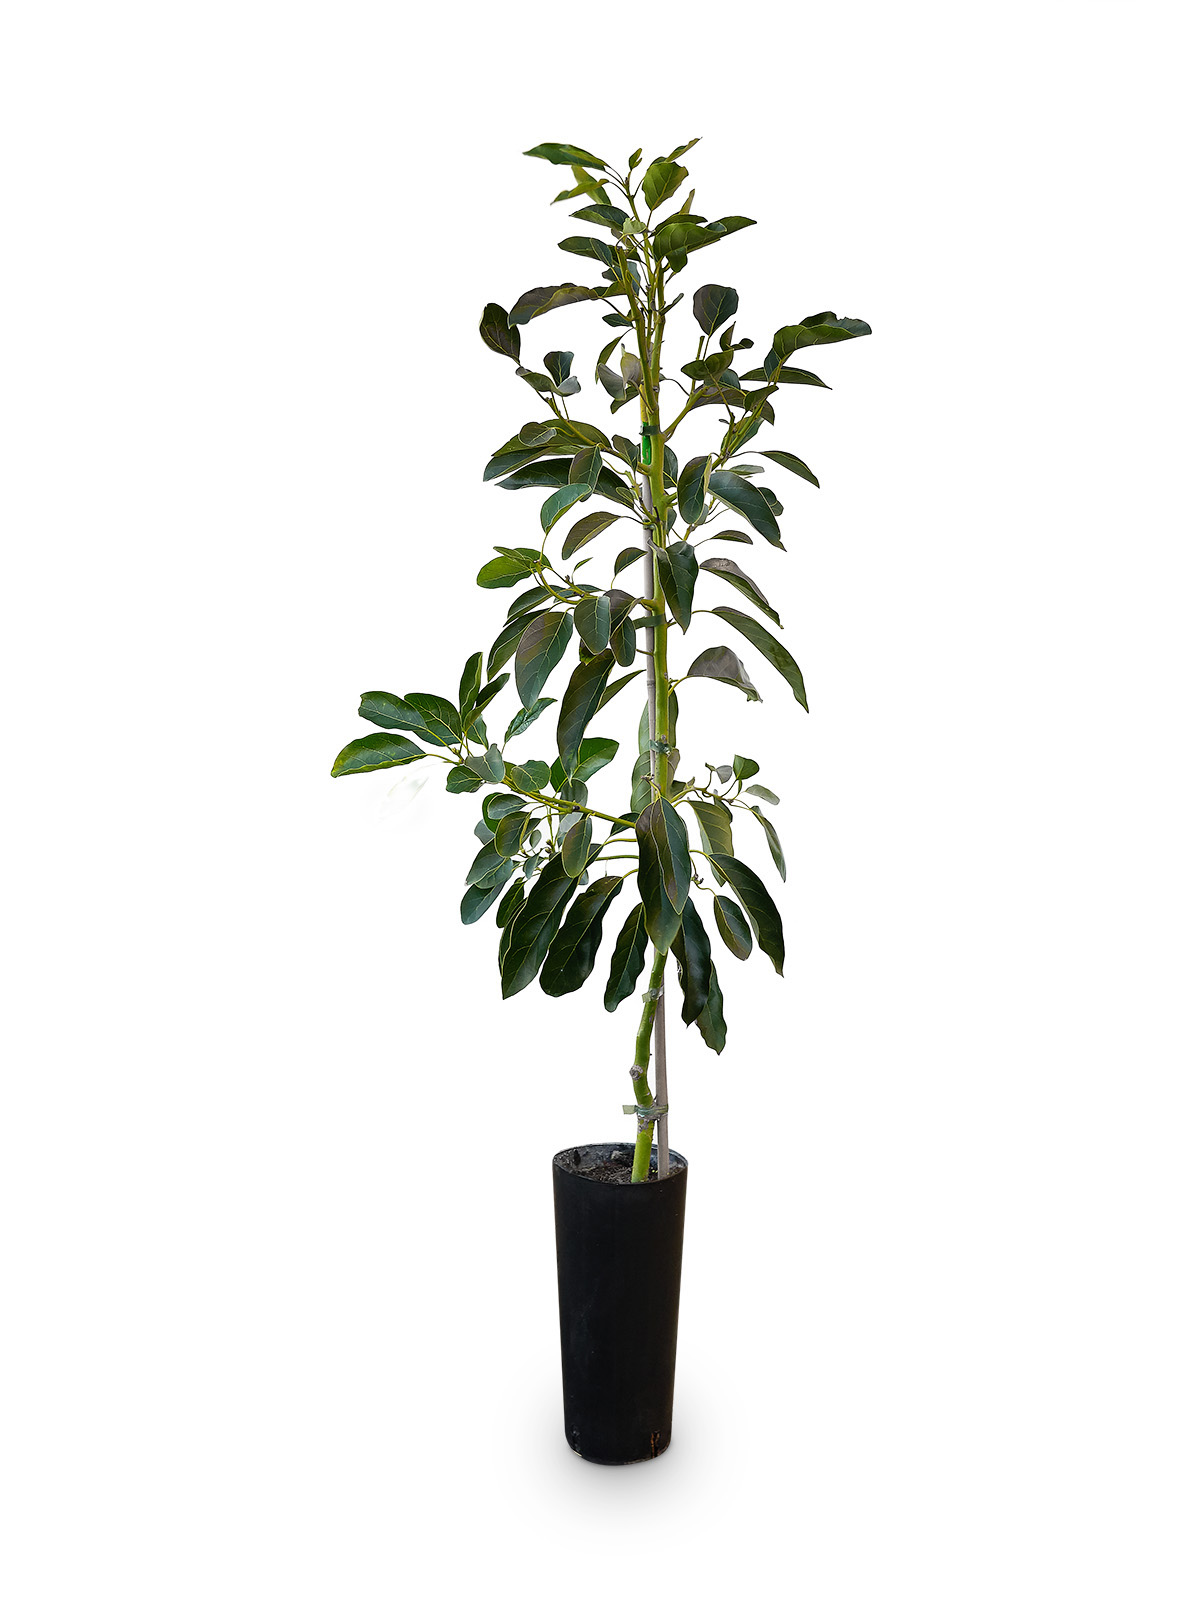 Planta de Aguacate Clonal con maceta en vivero